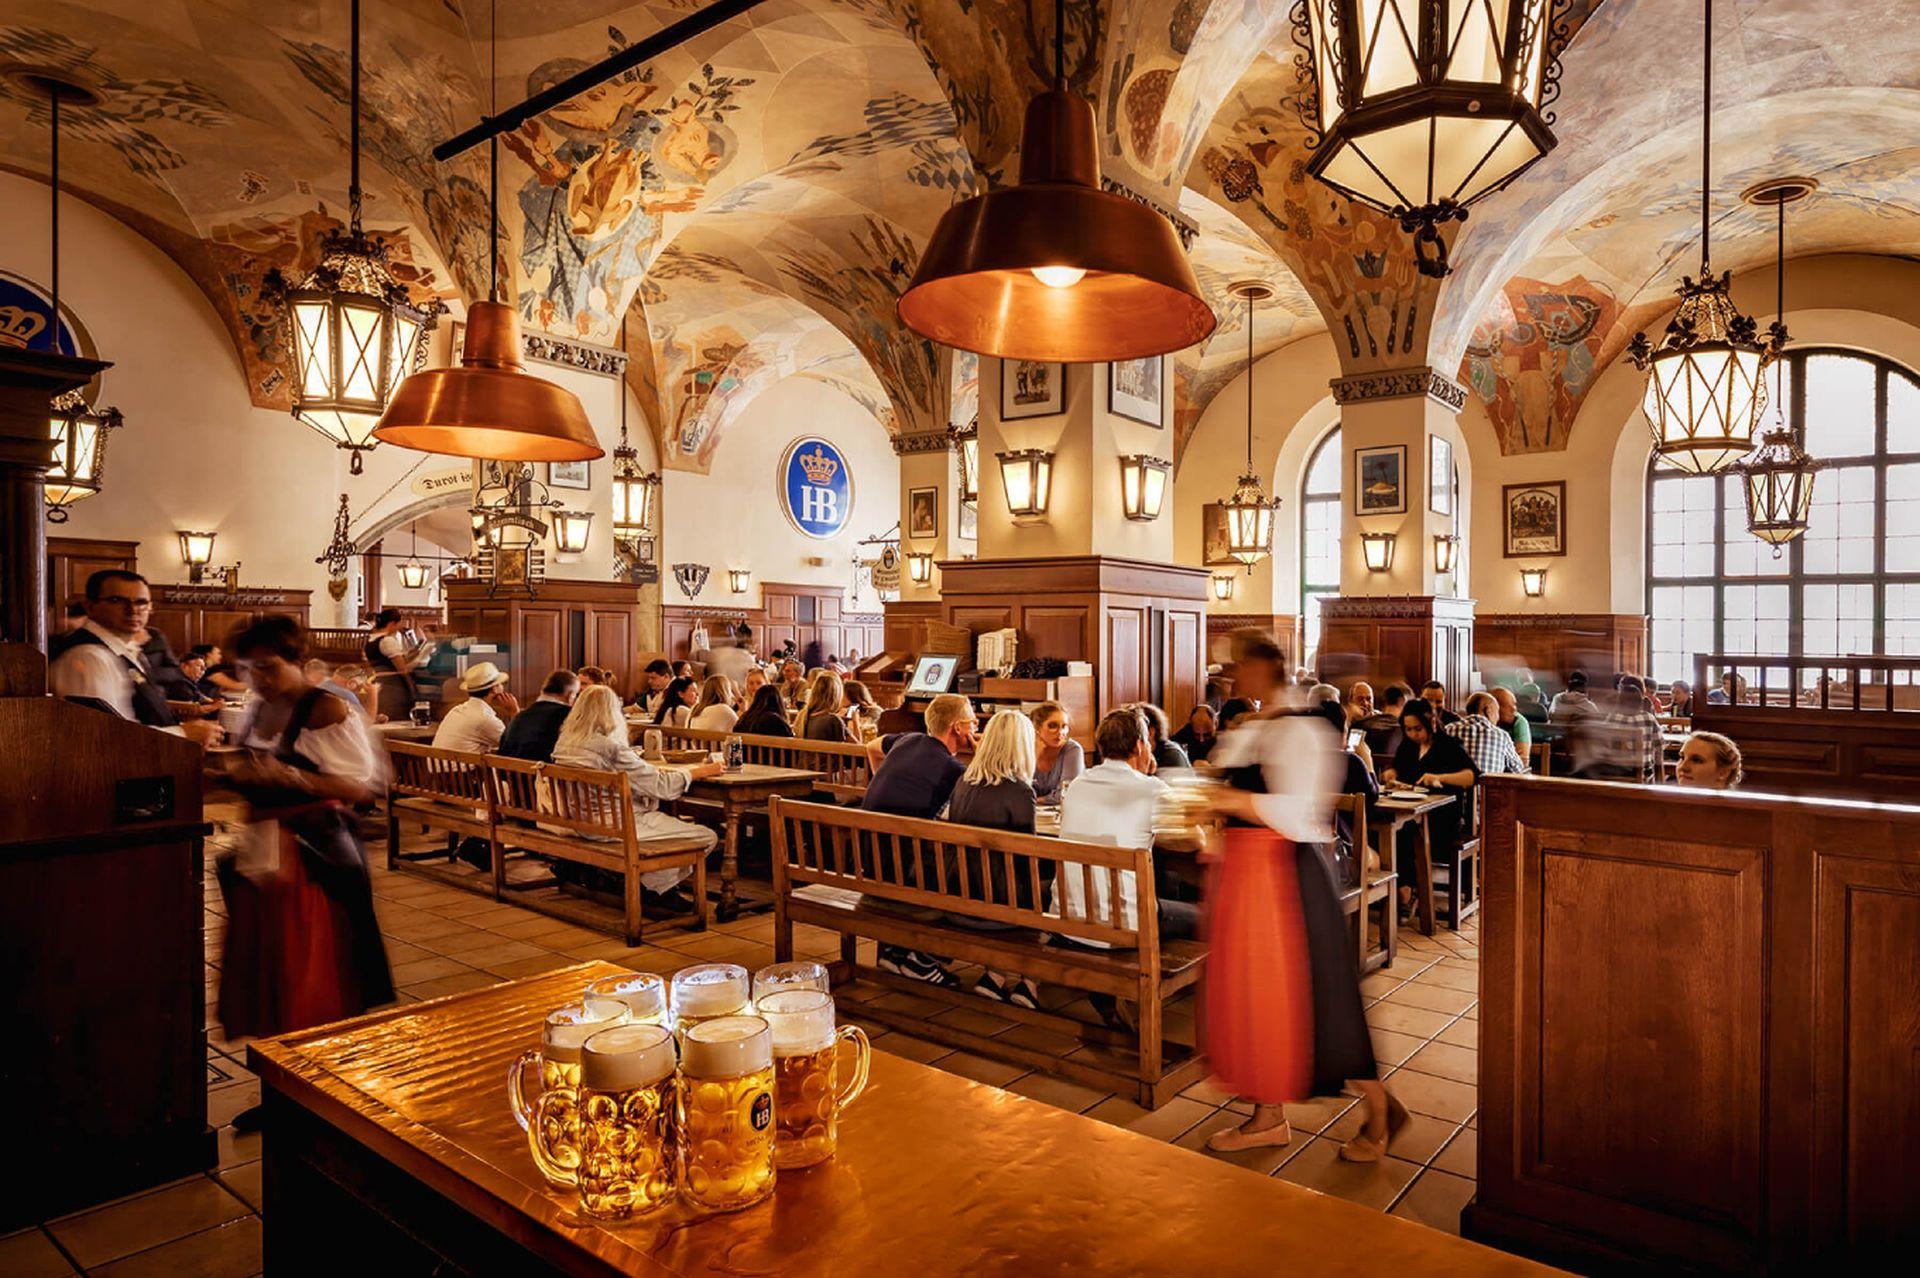 Hofbrauhaus Munich, el típico salón cervecero visitado tanto por locales como por turistas.